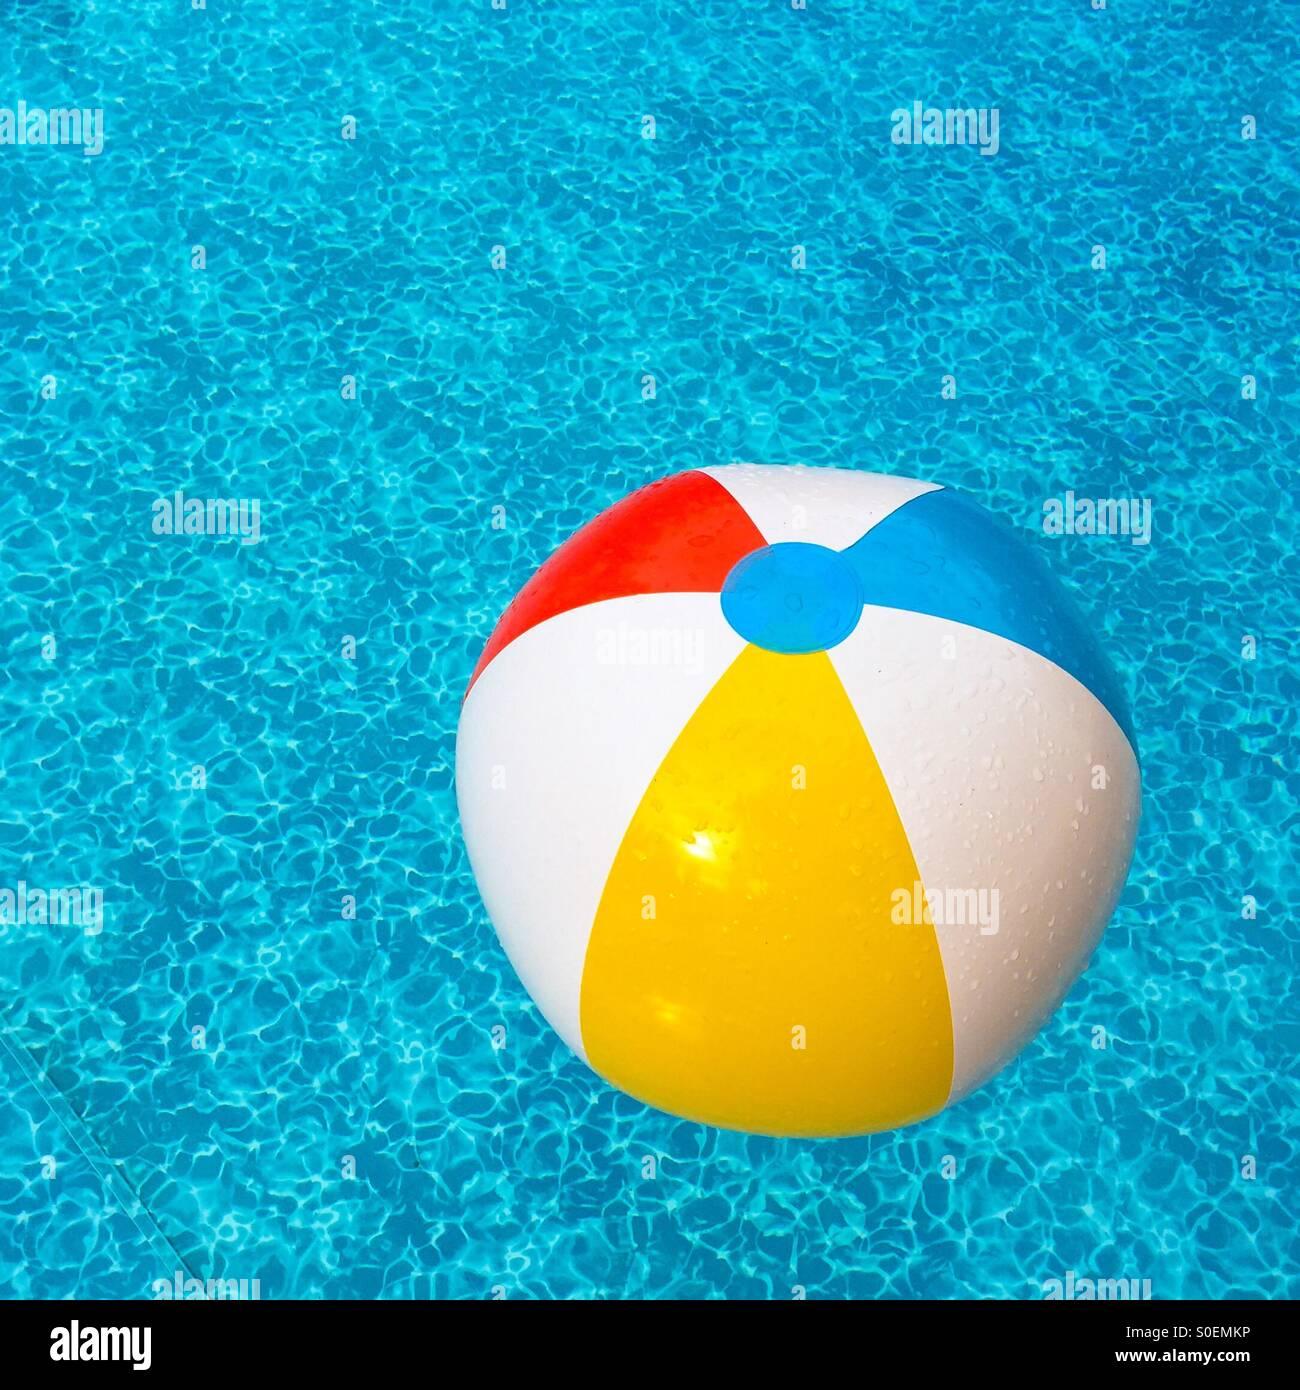 Beach-Ball im Außenpool. (Gelbe Seite dominant). Stockbild